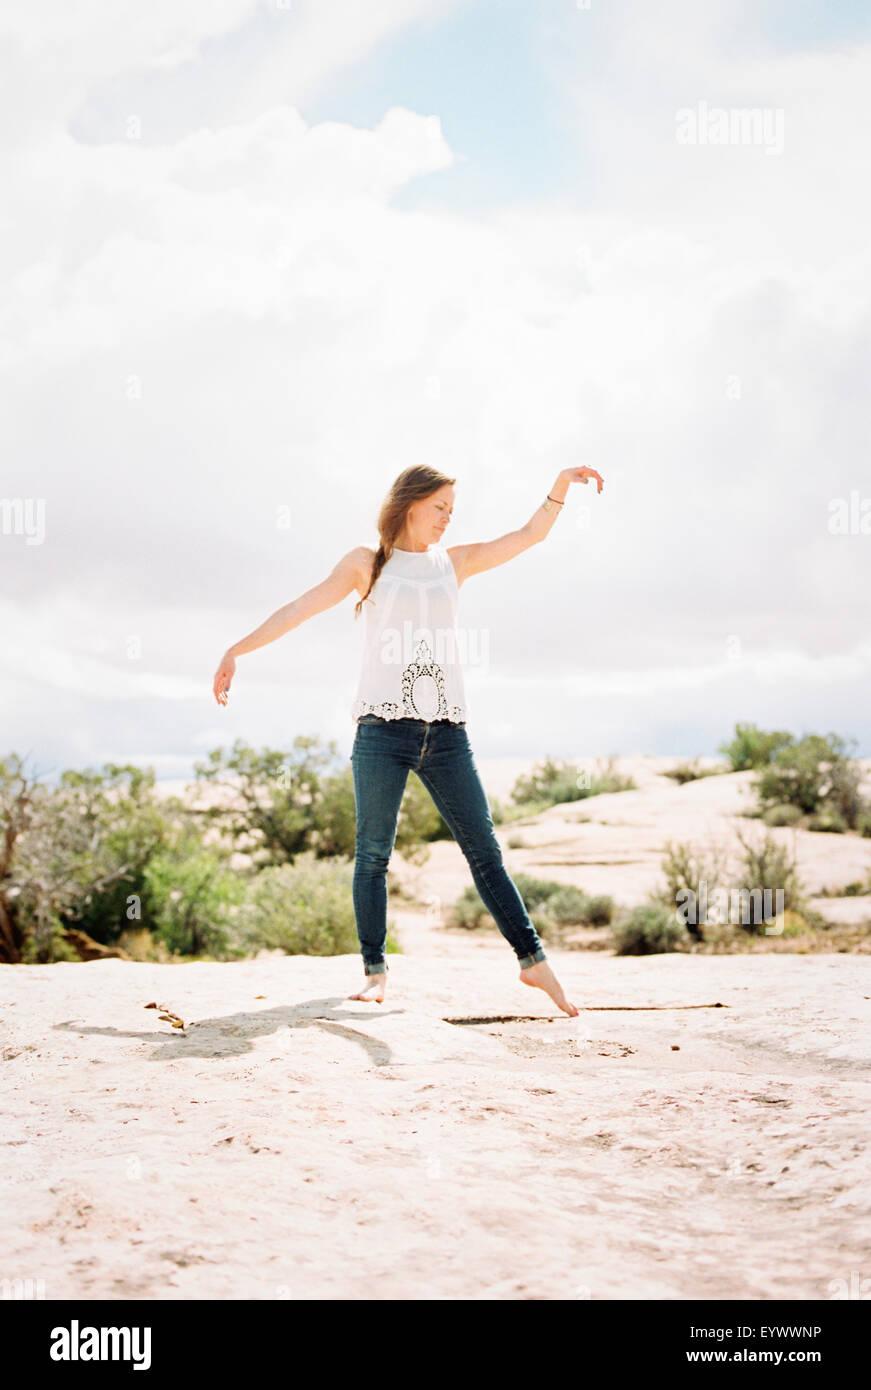 Barefoot mujer vaqueros sus brazos levantados. Imagen De Stock